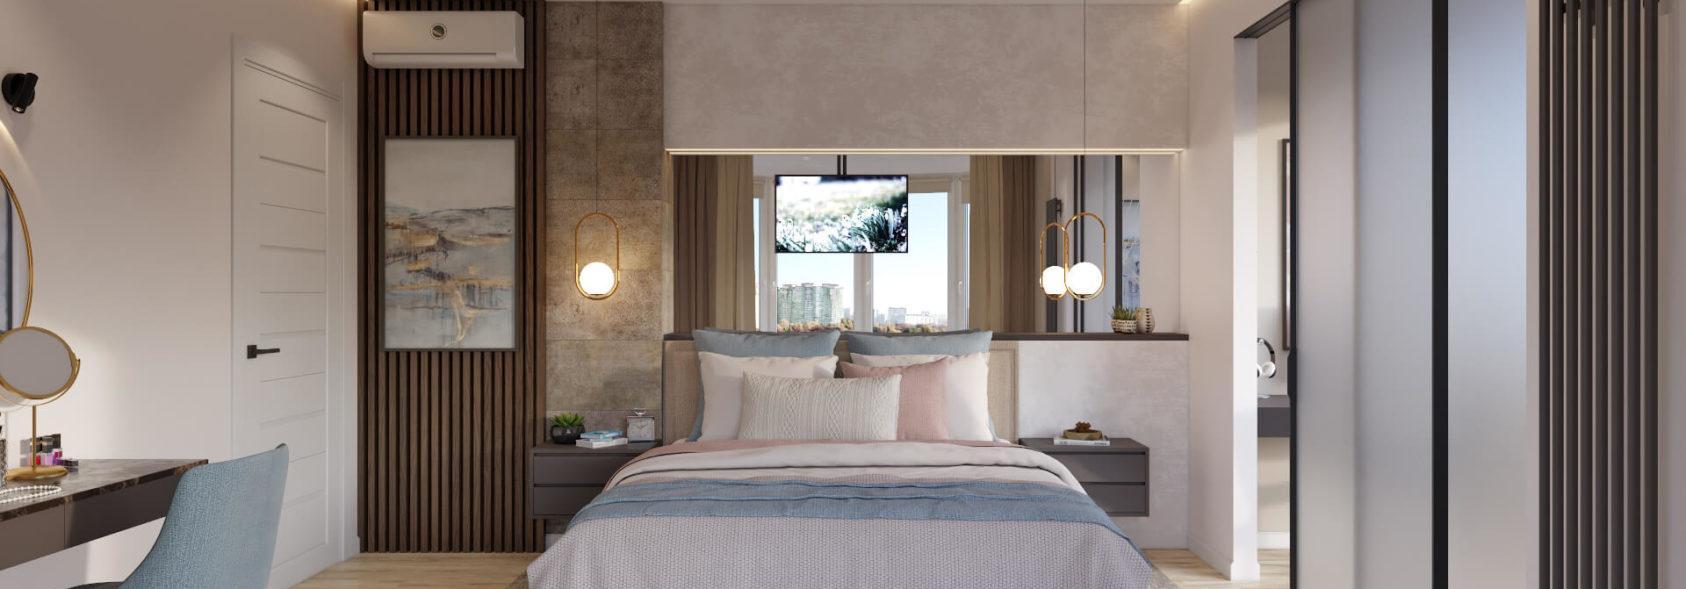 Дизайн 4х комнатной квартиры Киев спальня